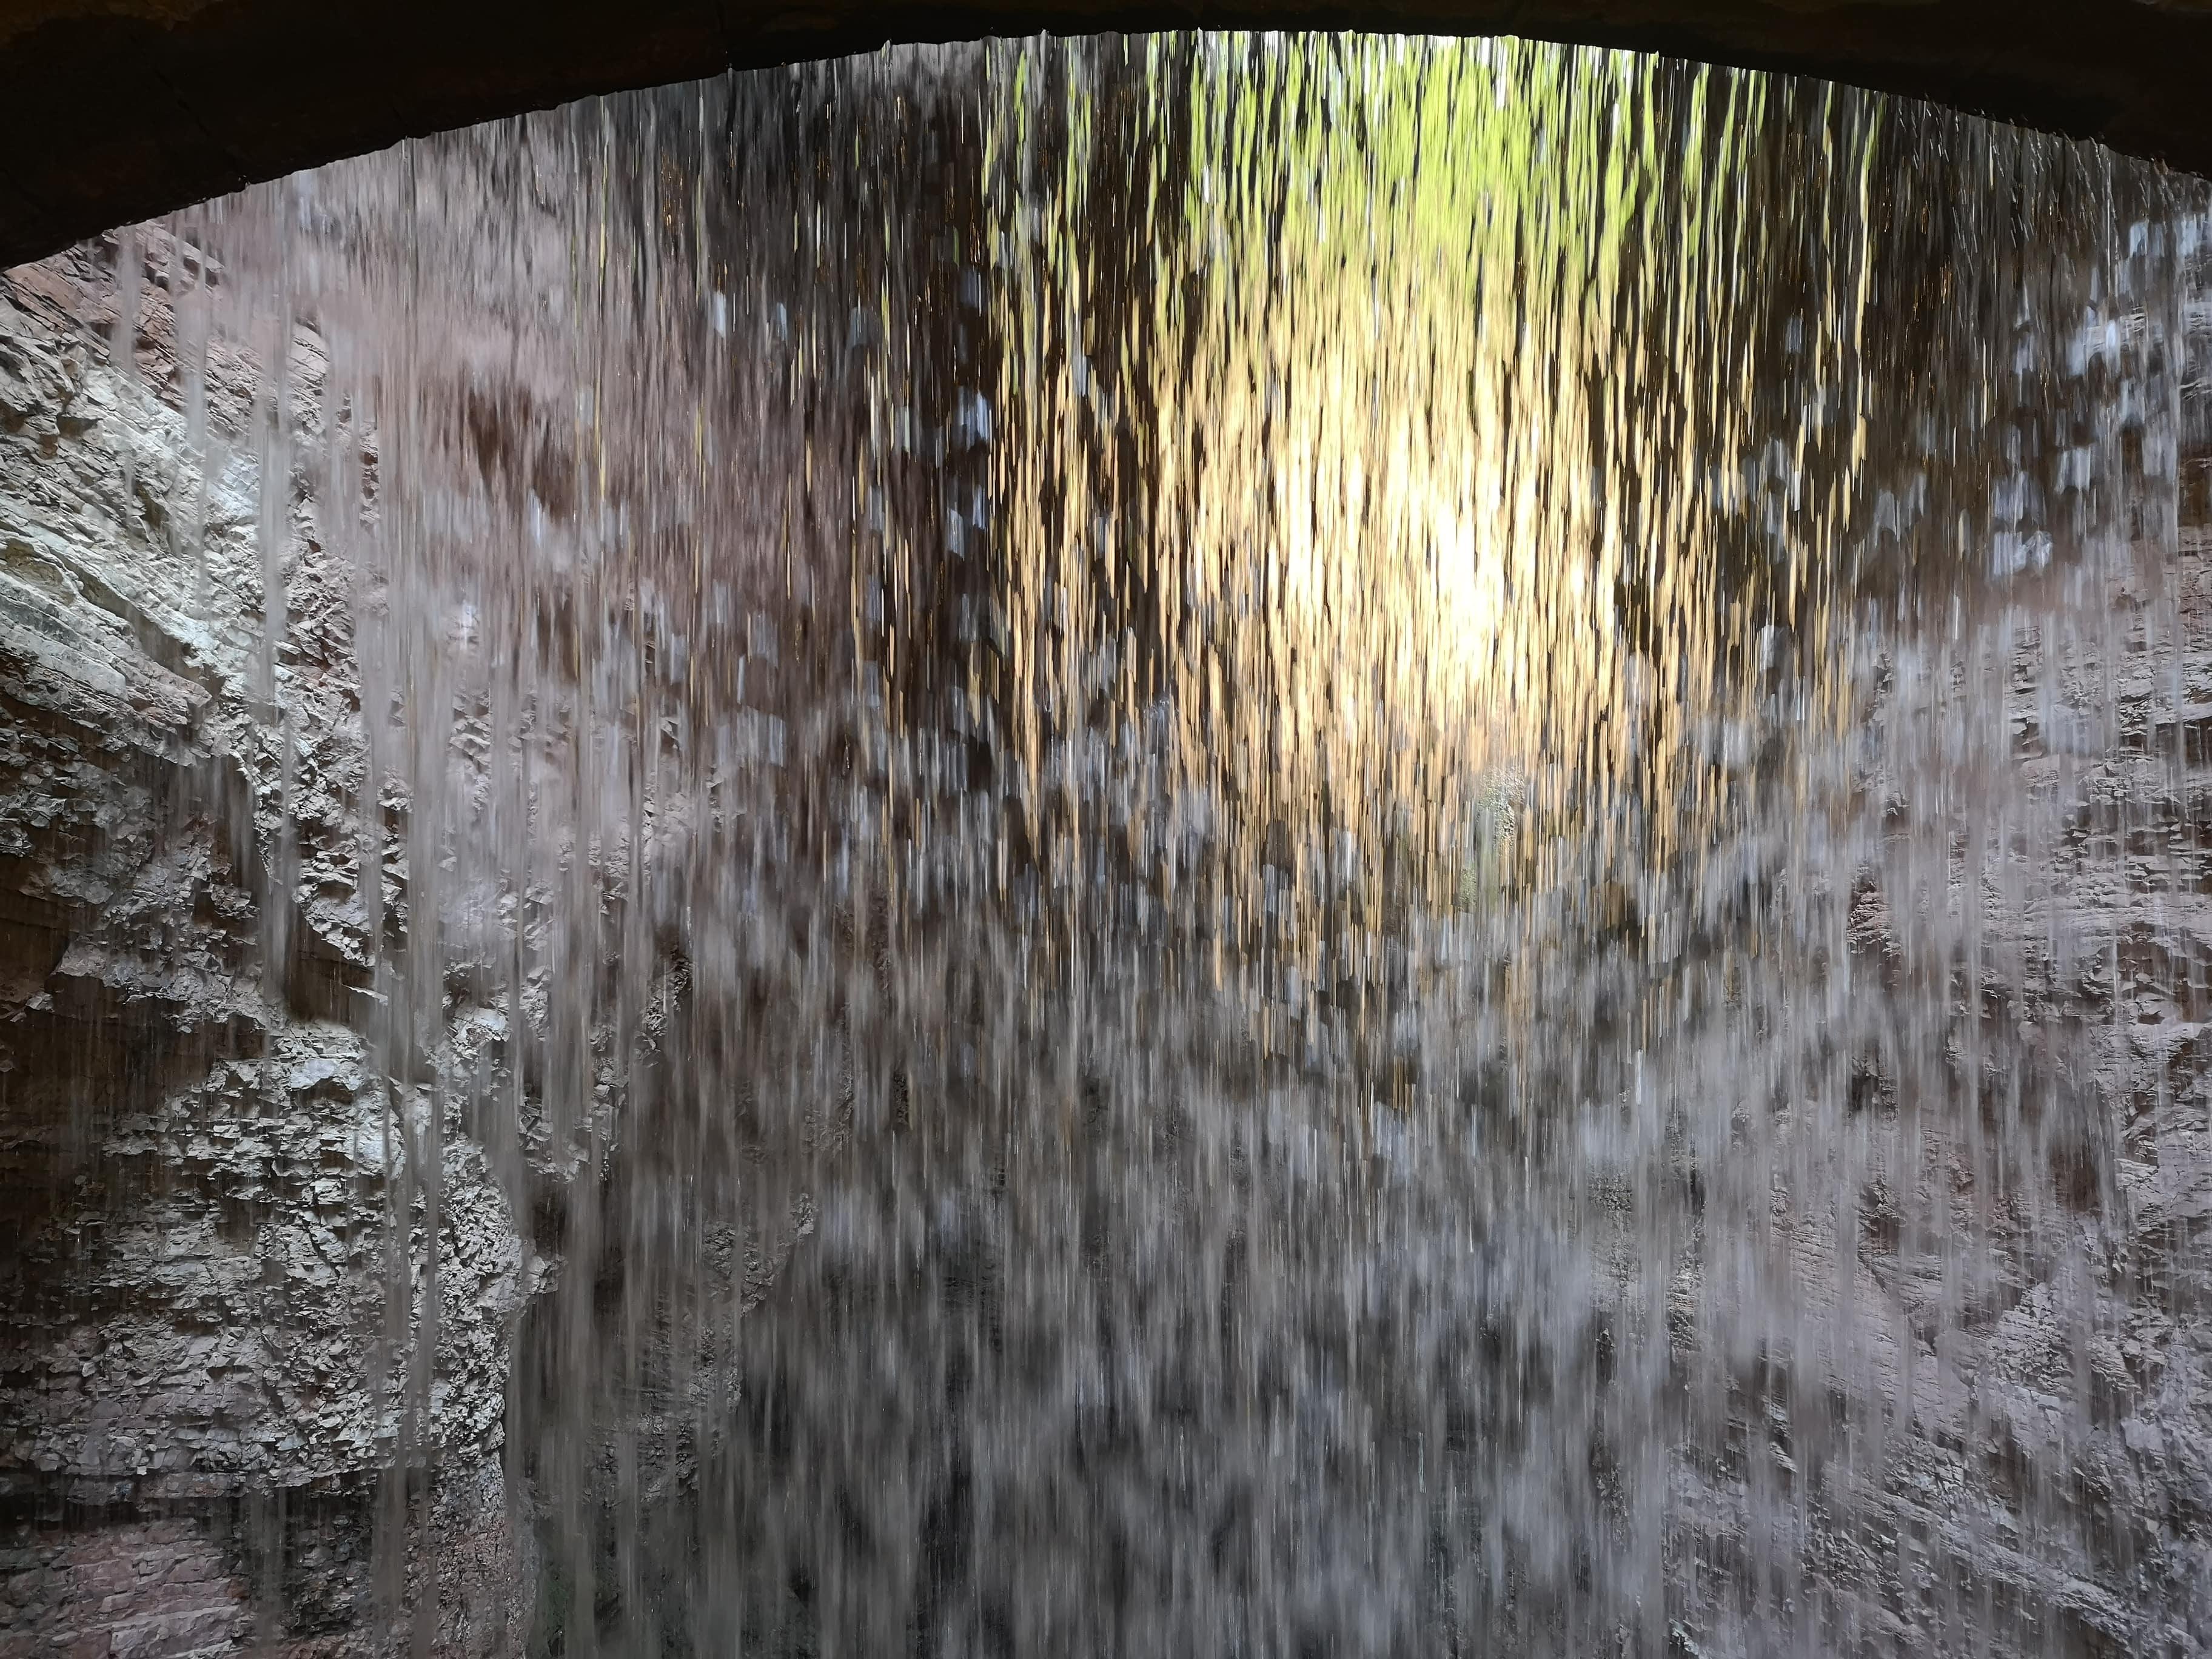 Esplorare l'Orrido di Ponte Alto: toccare la cascata con un dito